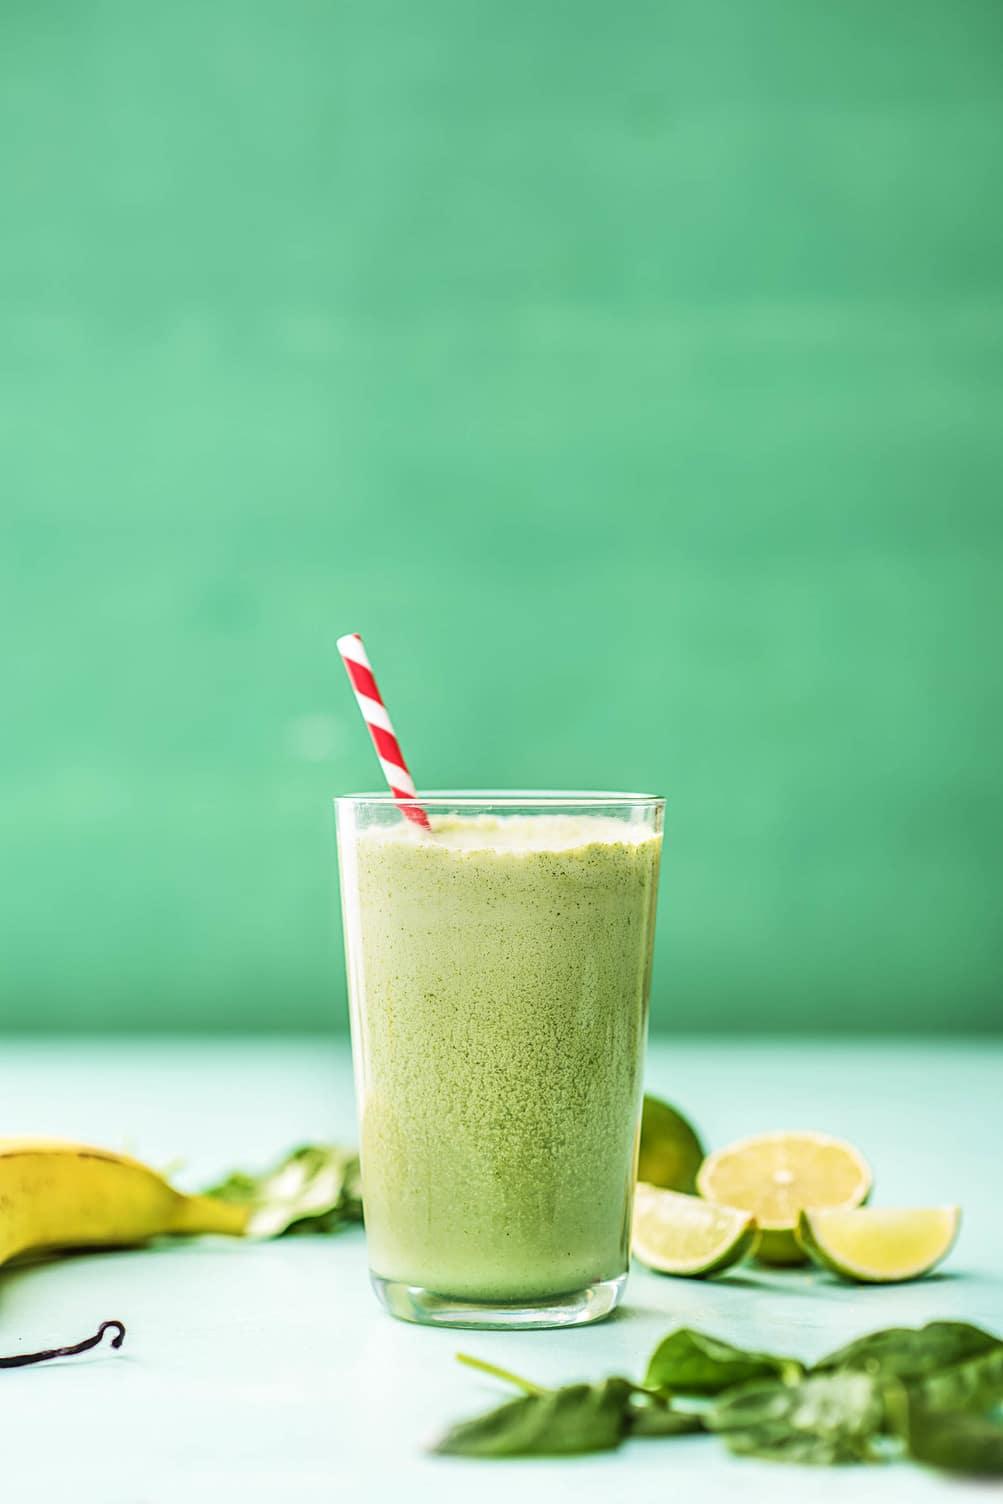 green smoothies-HelloFresh-key lime pie